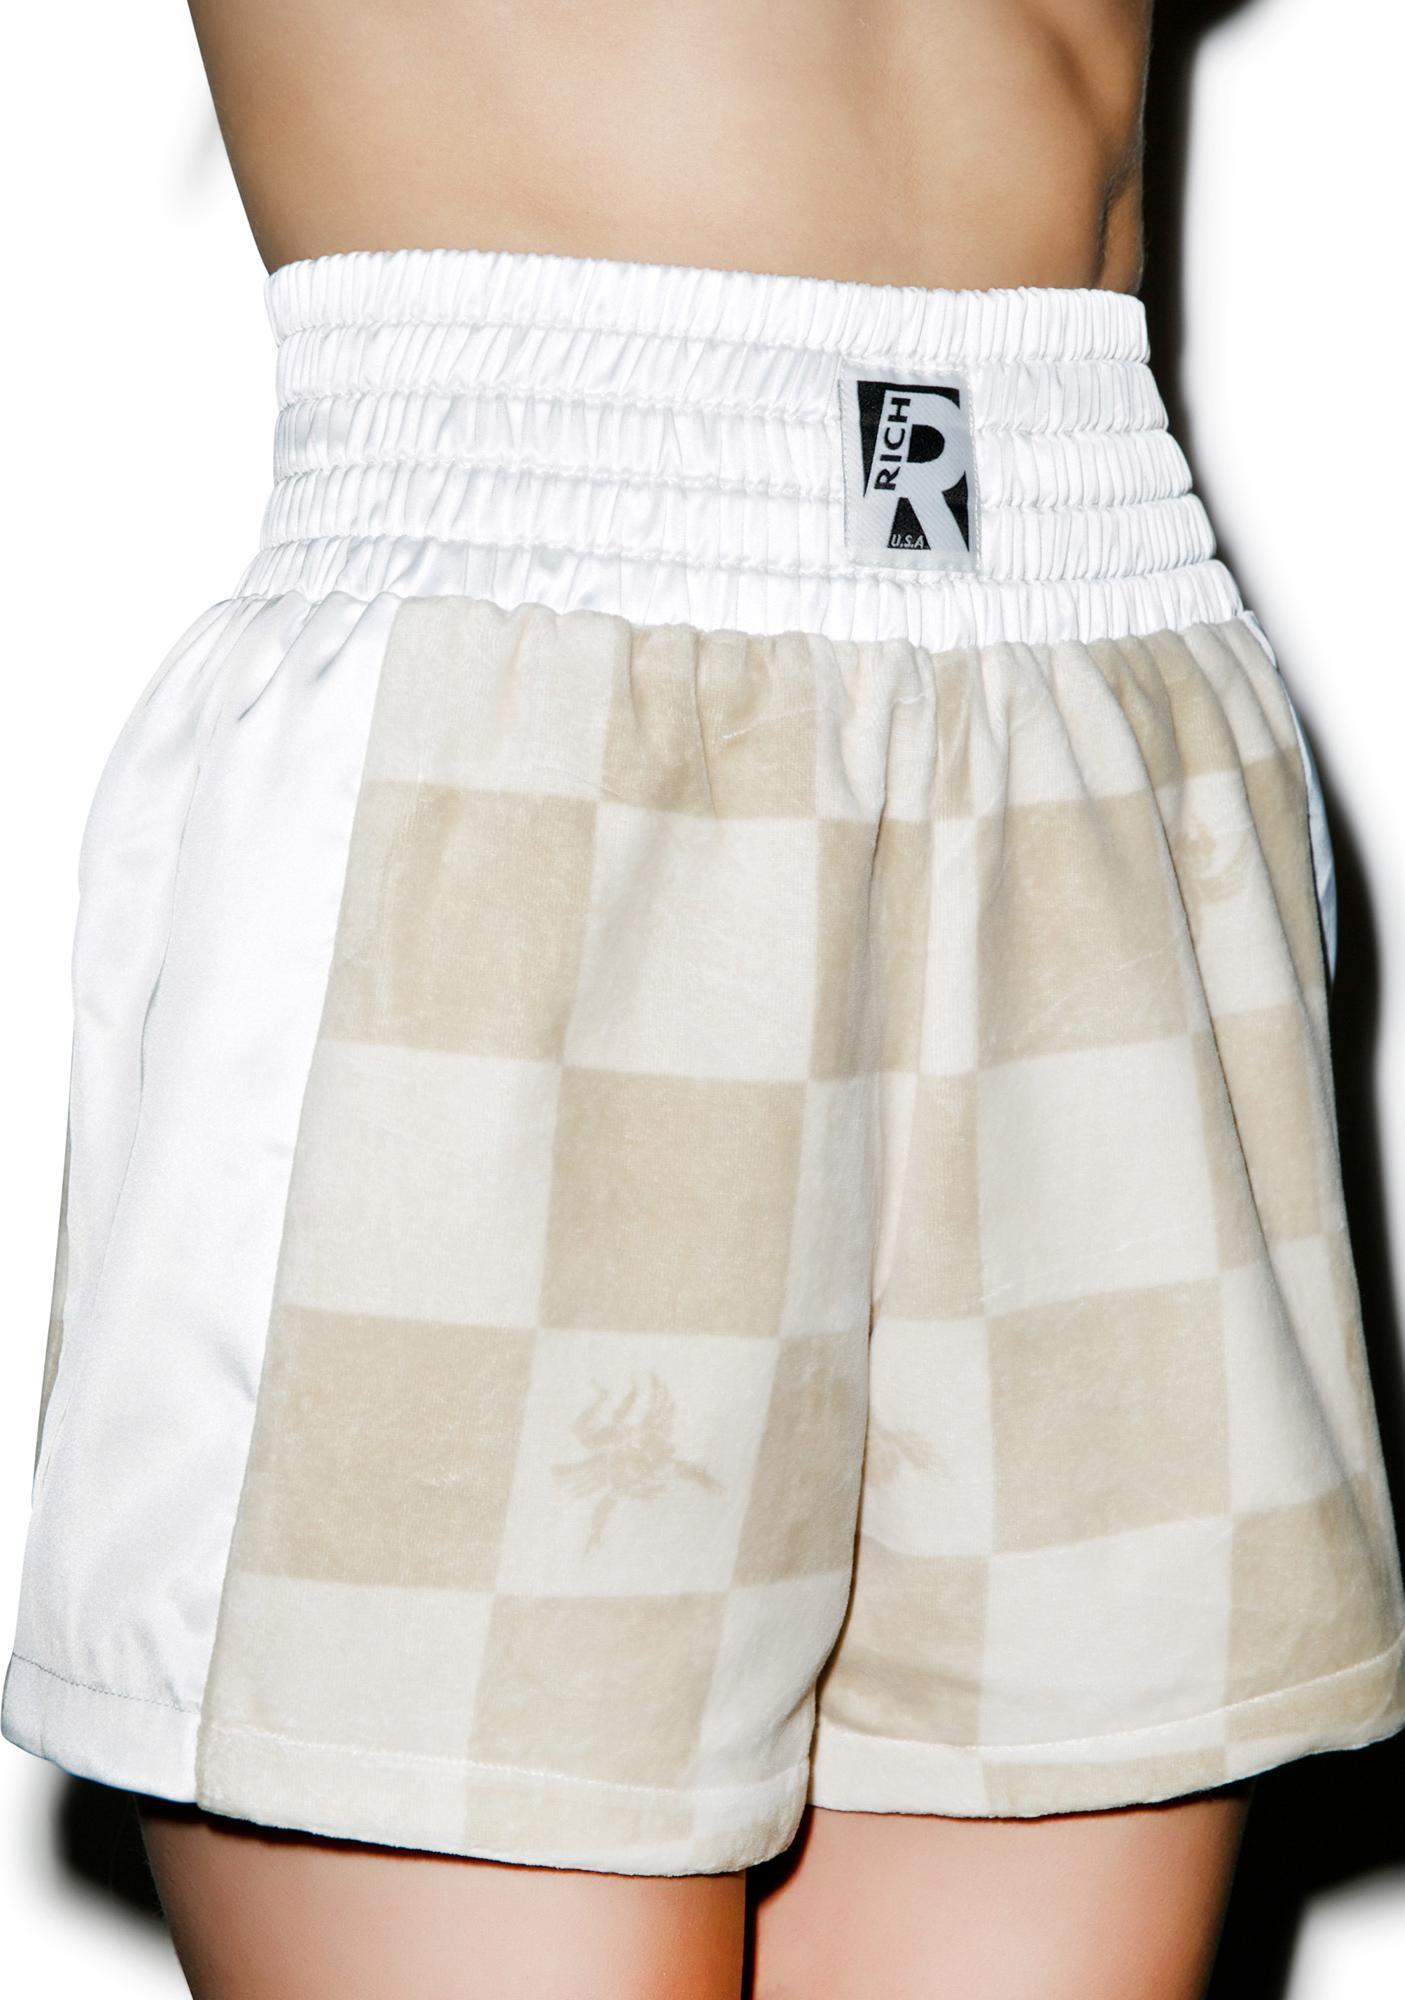 Joyrich Boxed Angel Boxing Shorts